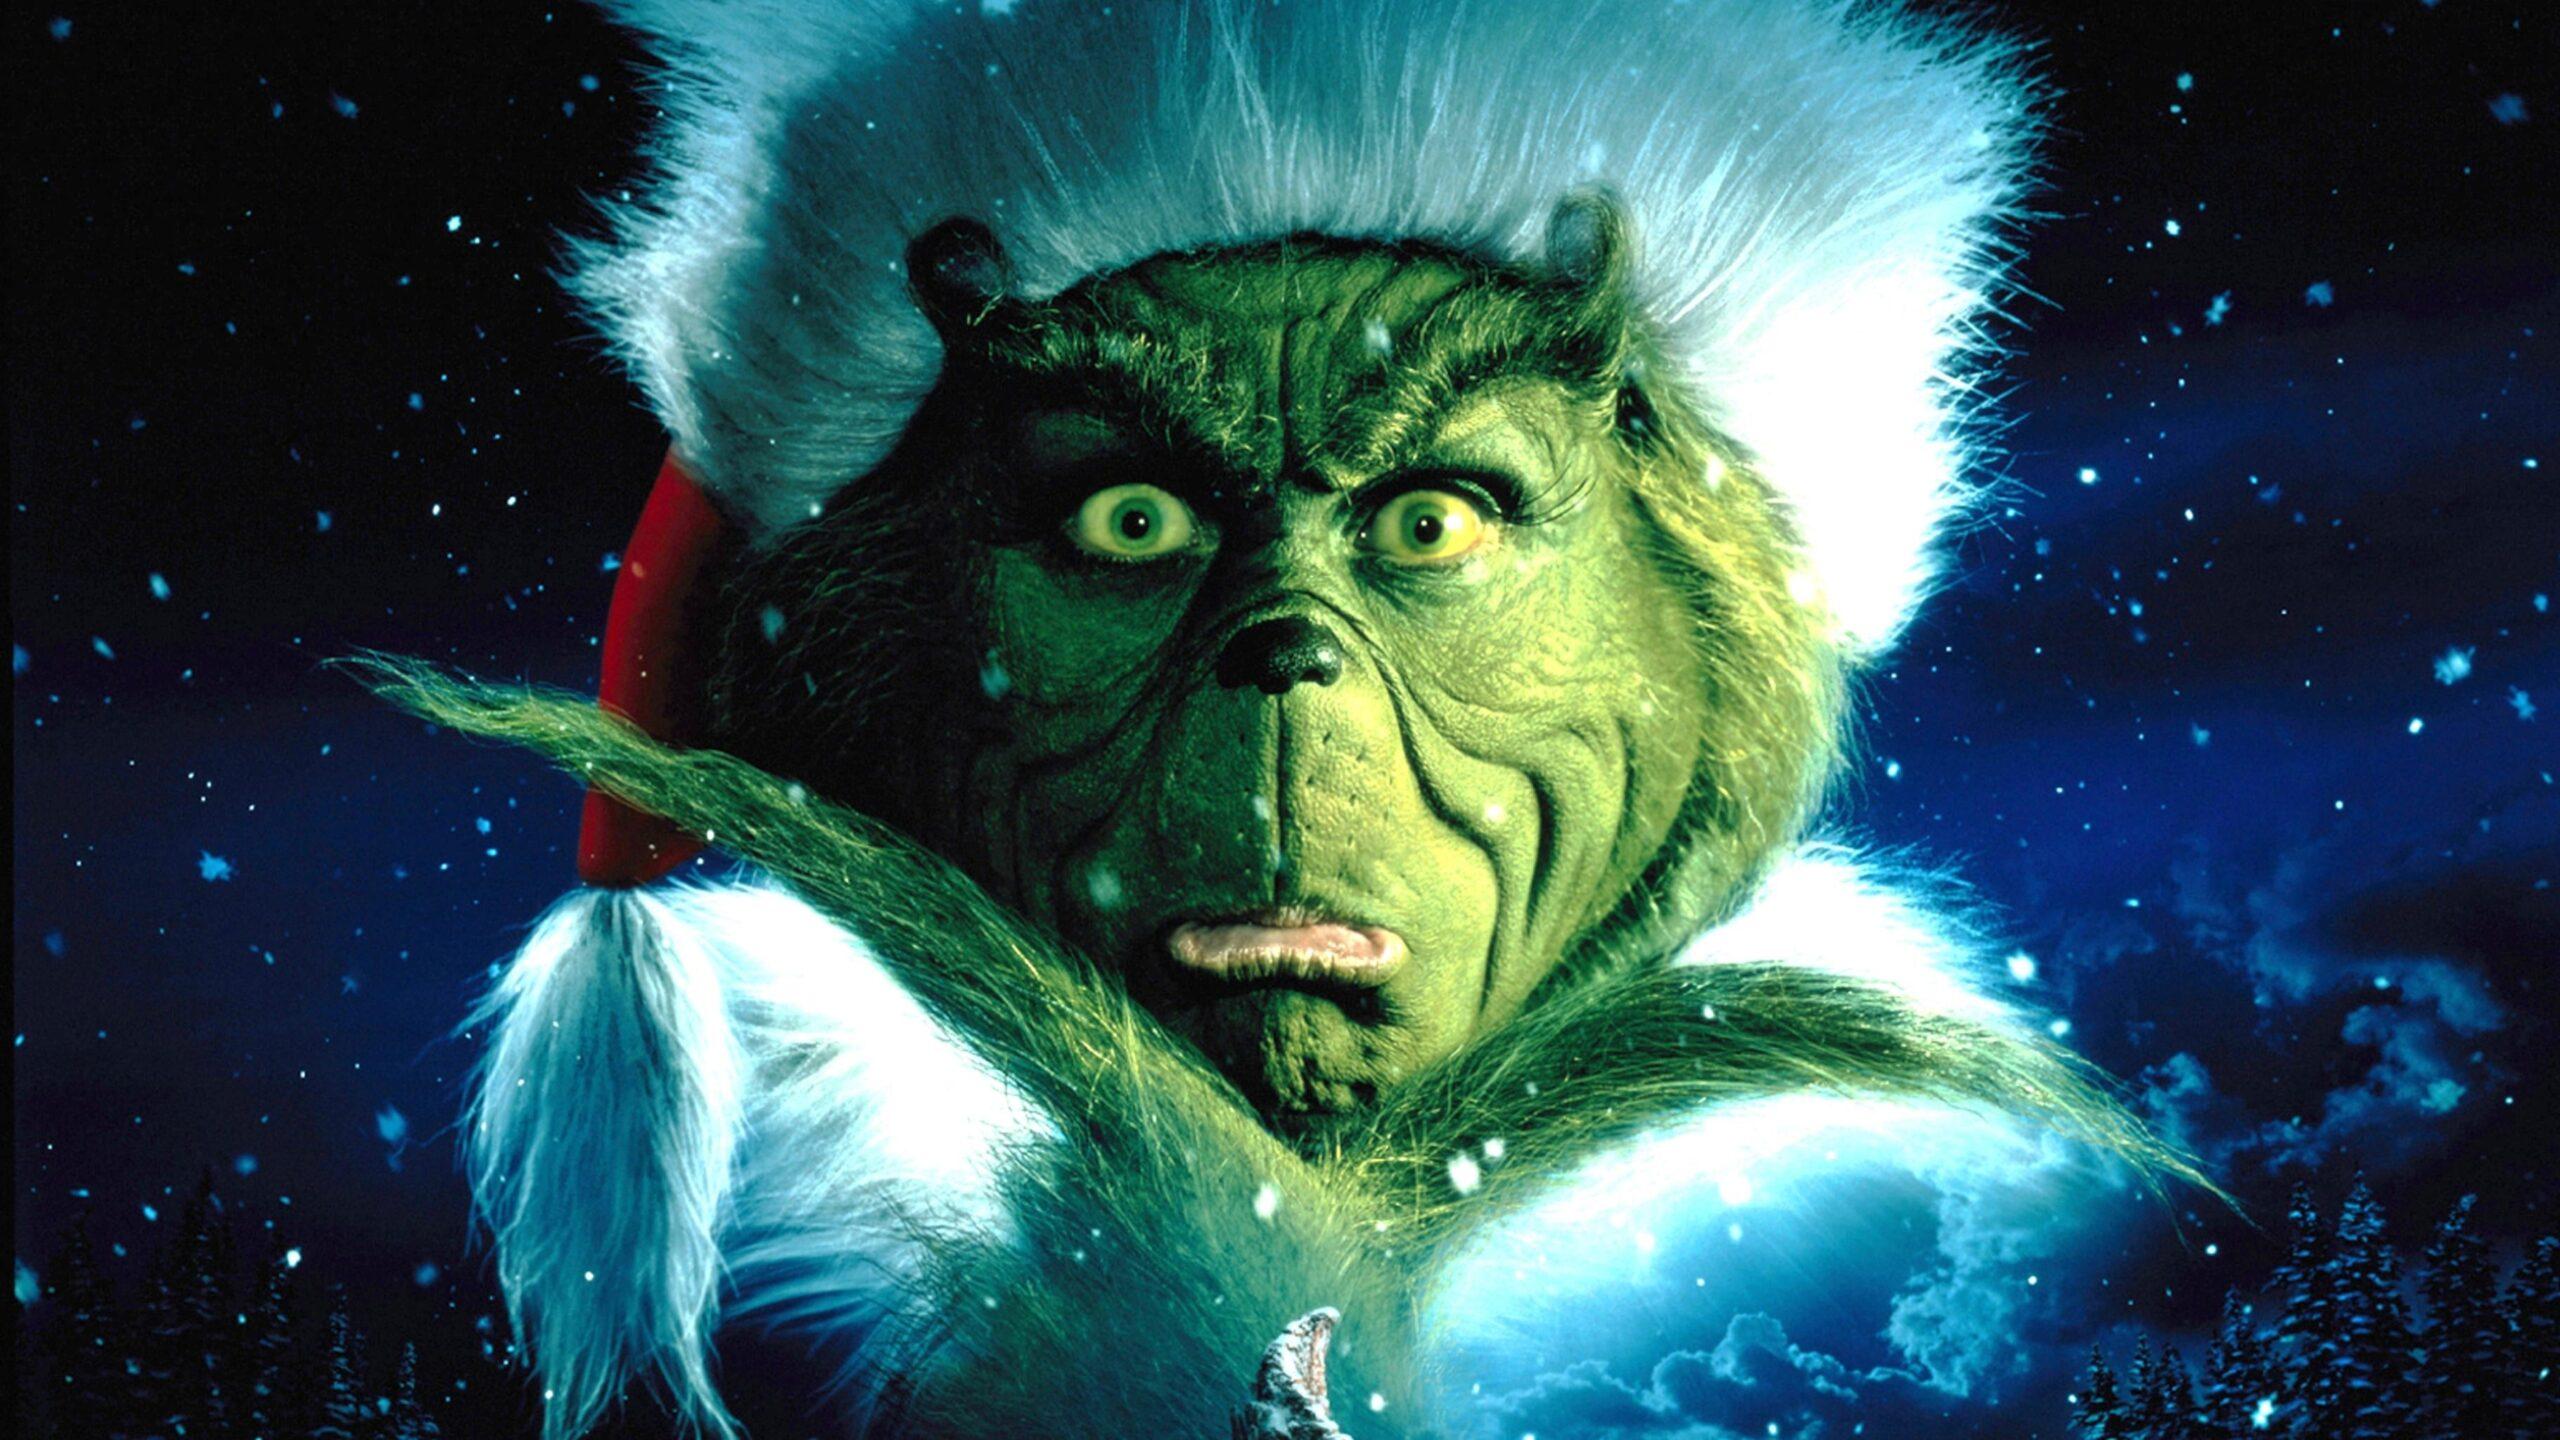 Госдумовский Гринч хочет украсть Рождество у россиян